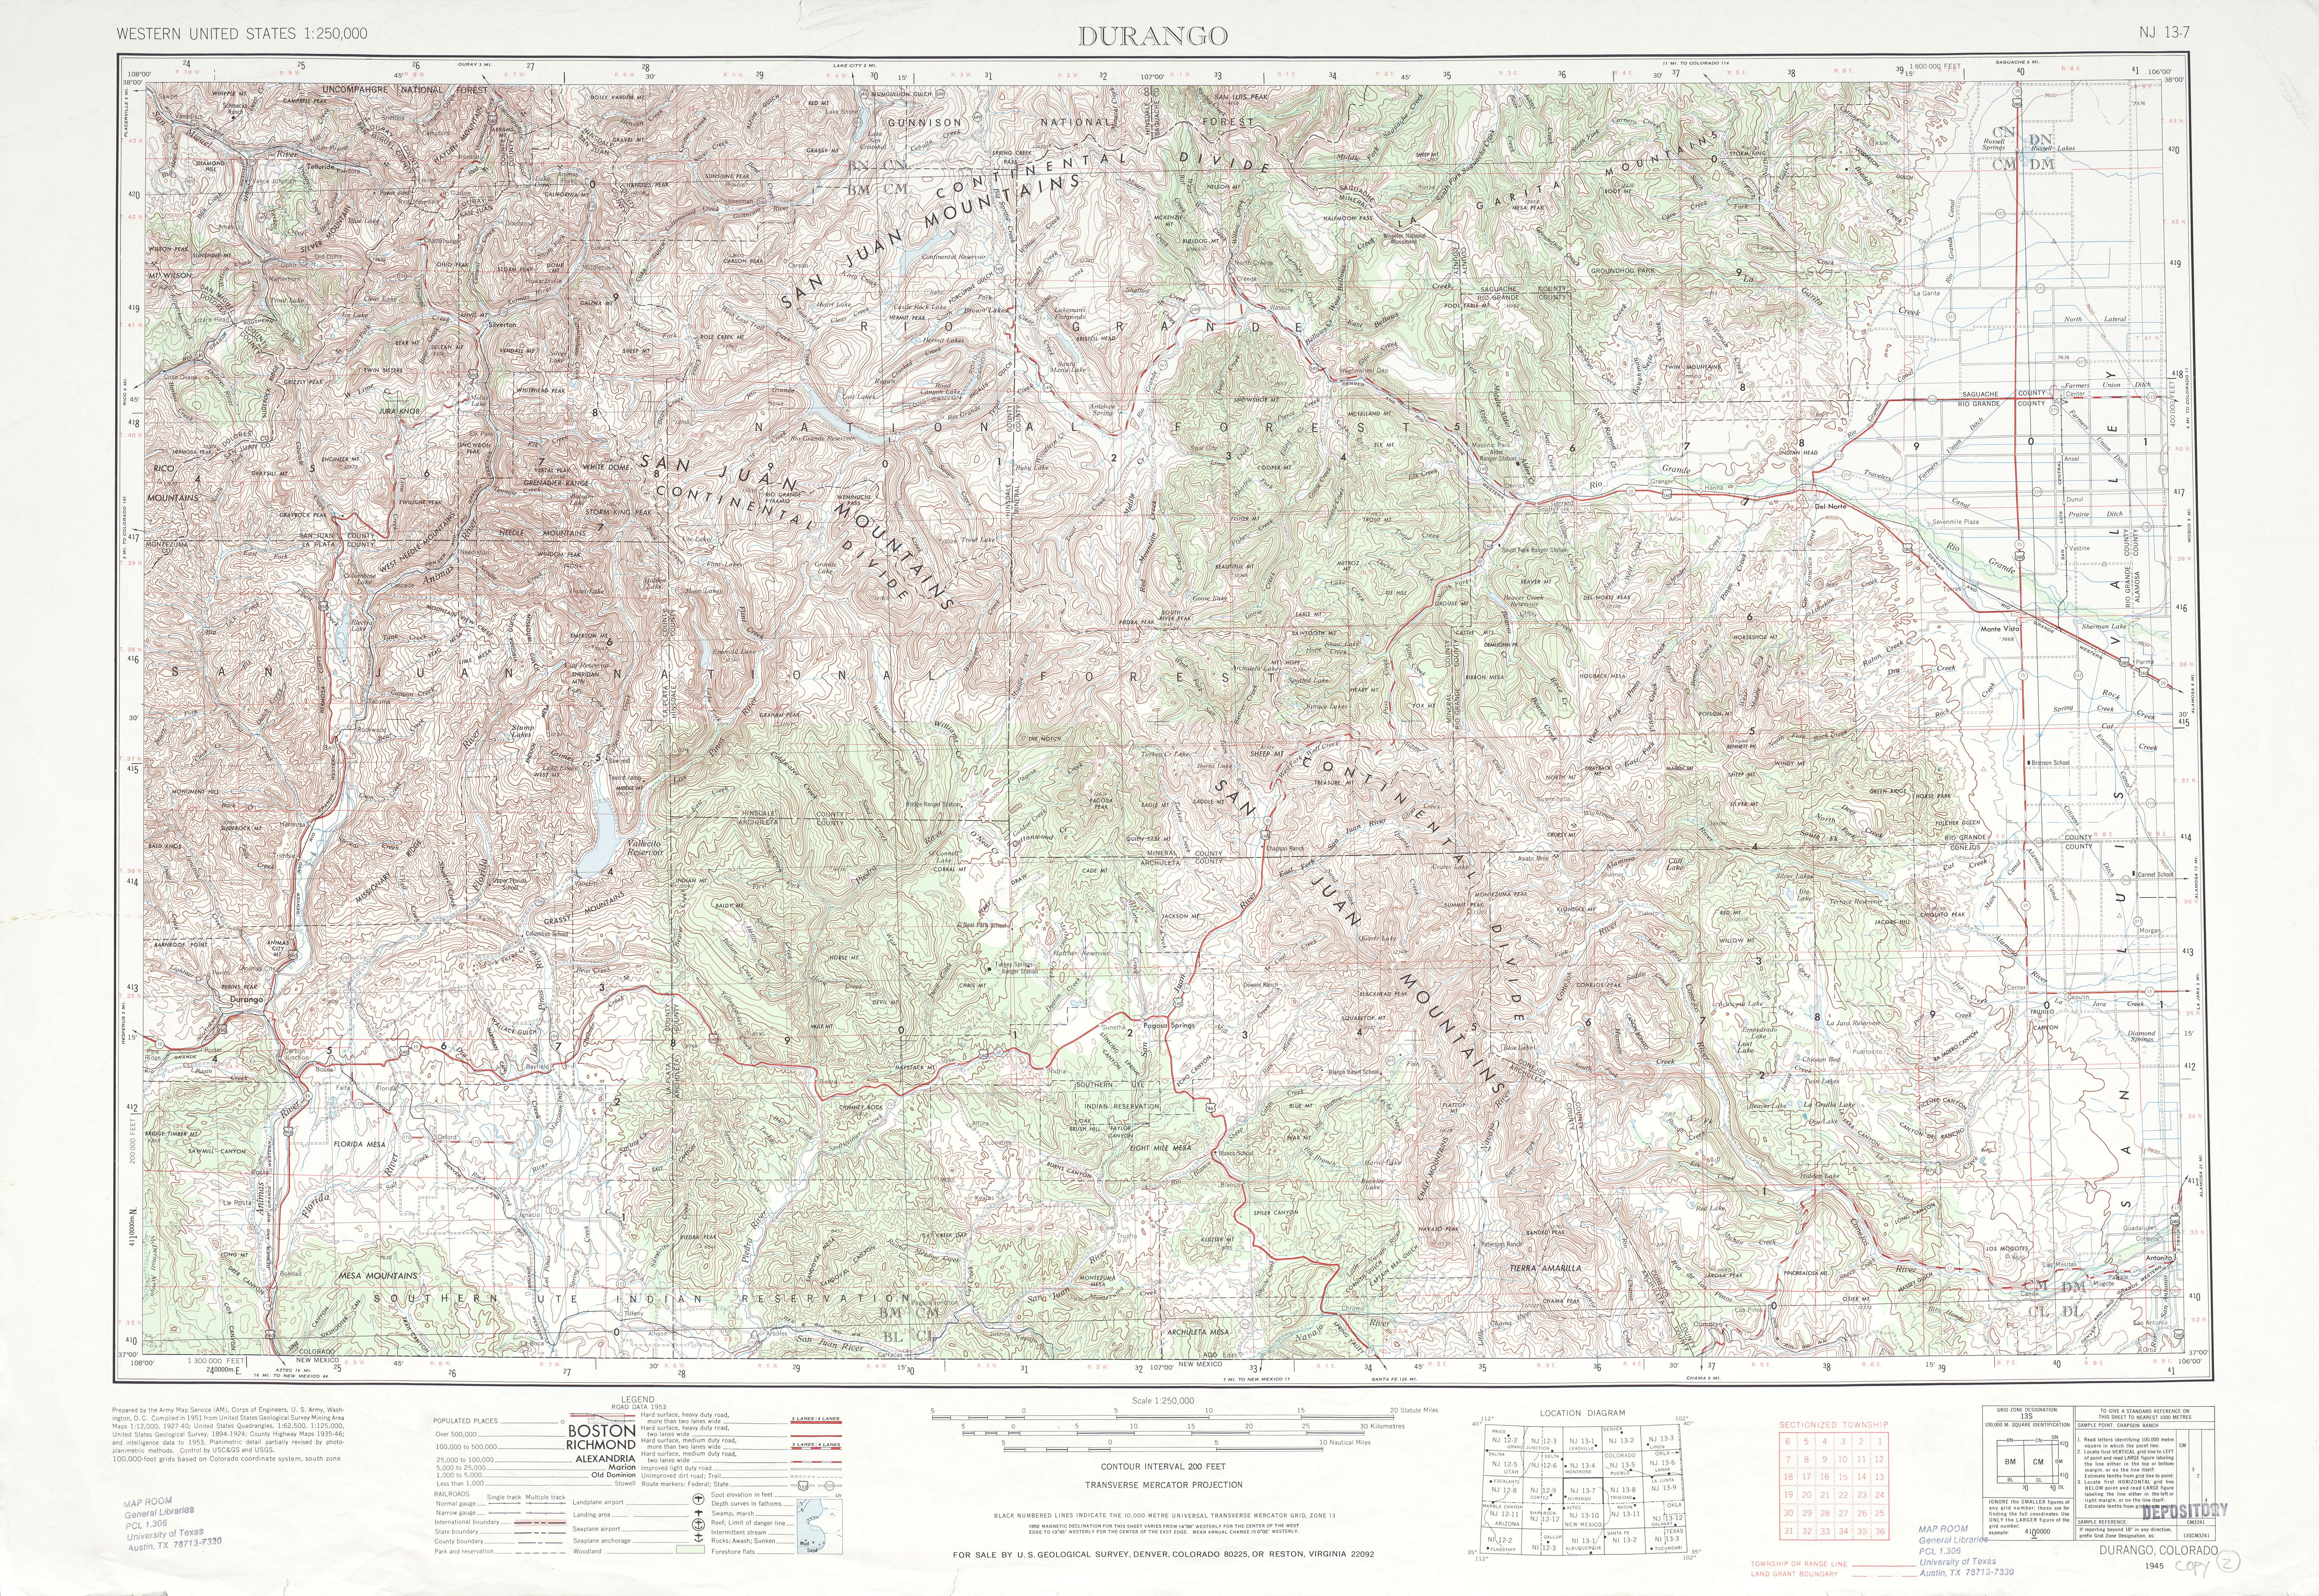 Hoja Durango del Mapa Topográfico de los Estados Unidos 1953